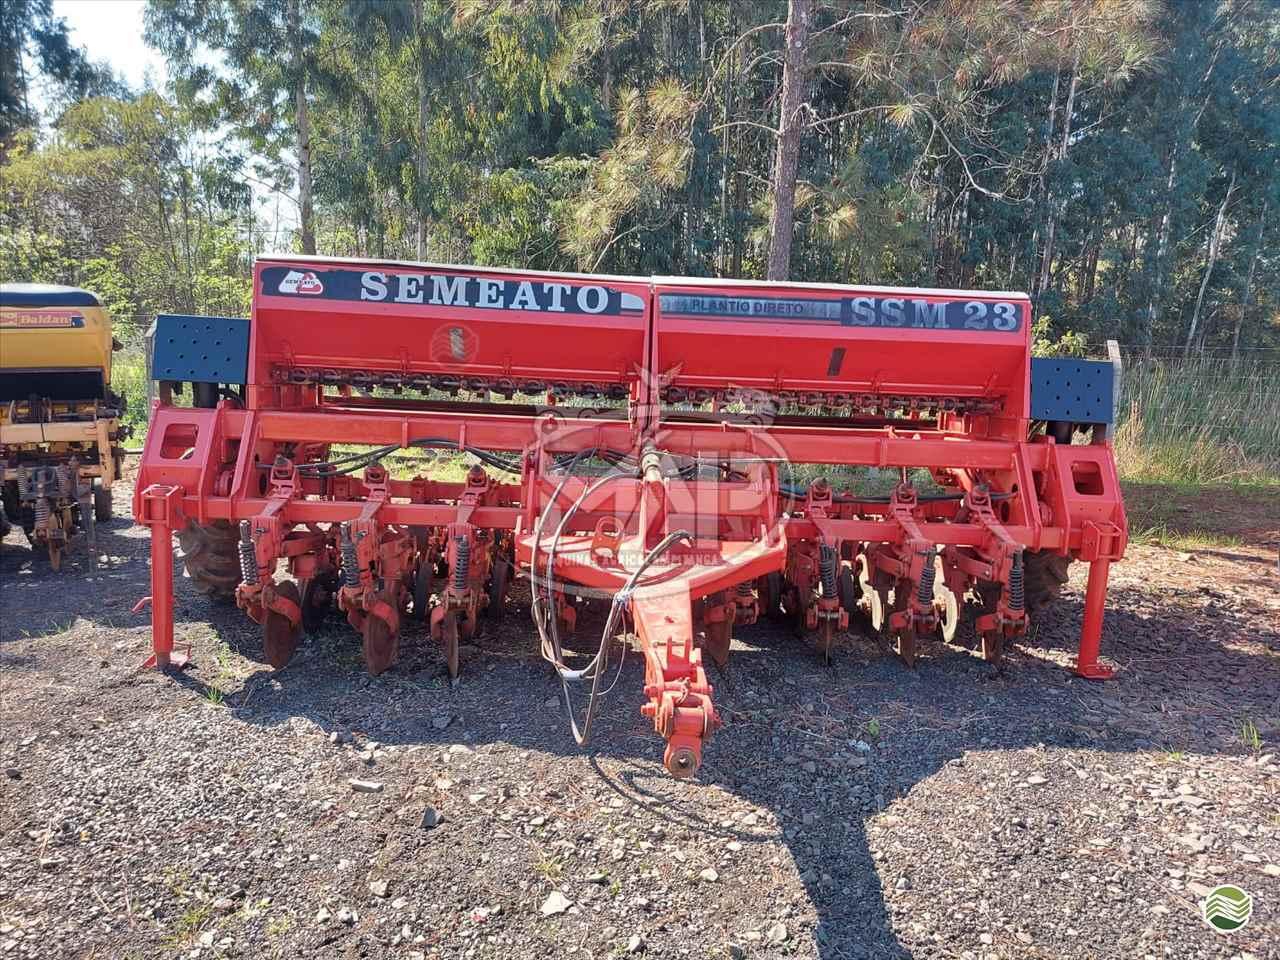 PLANTADEIRA SEMEATO SSM 23 Máquinas Agrícolas Pitanga PITANGA PARANÁ PR